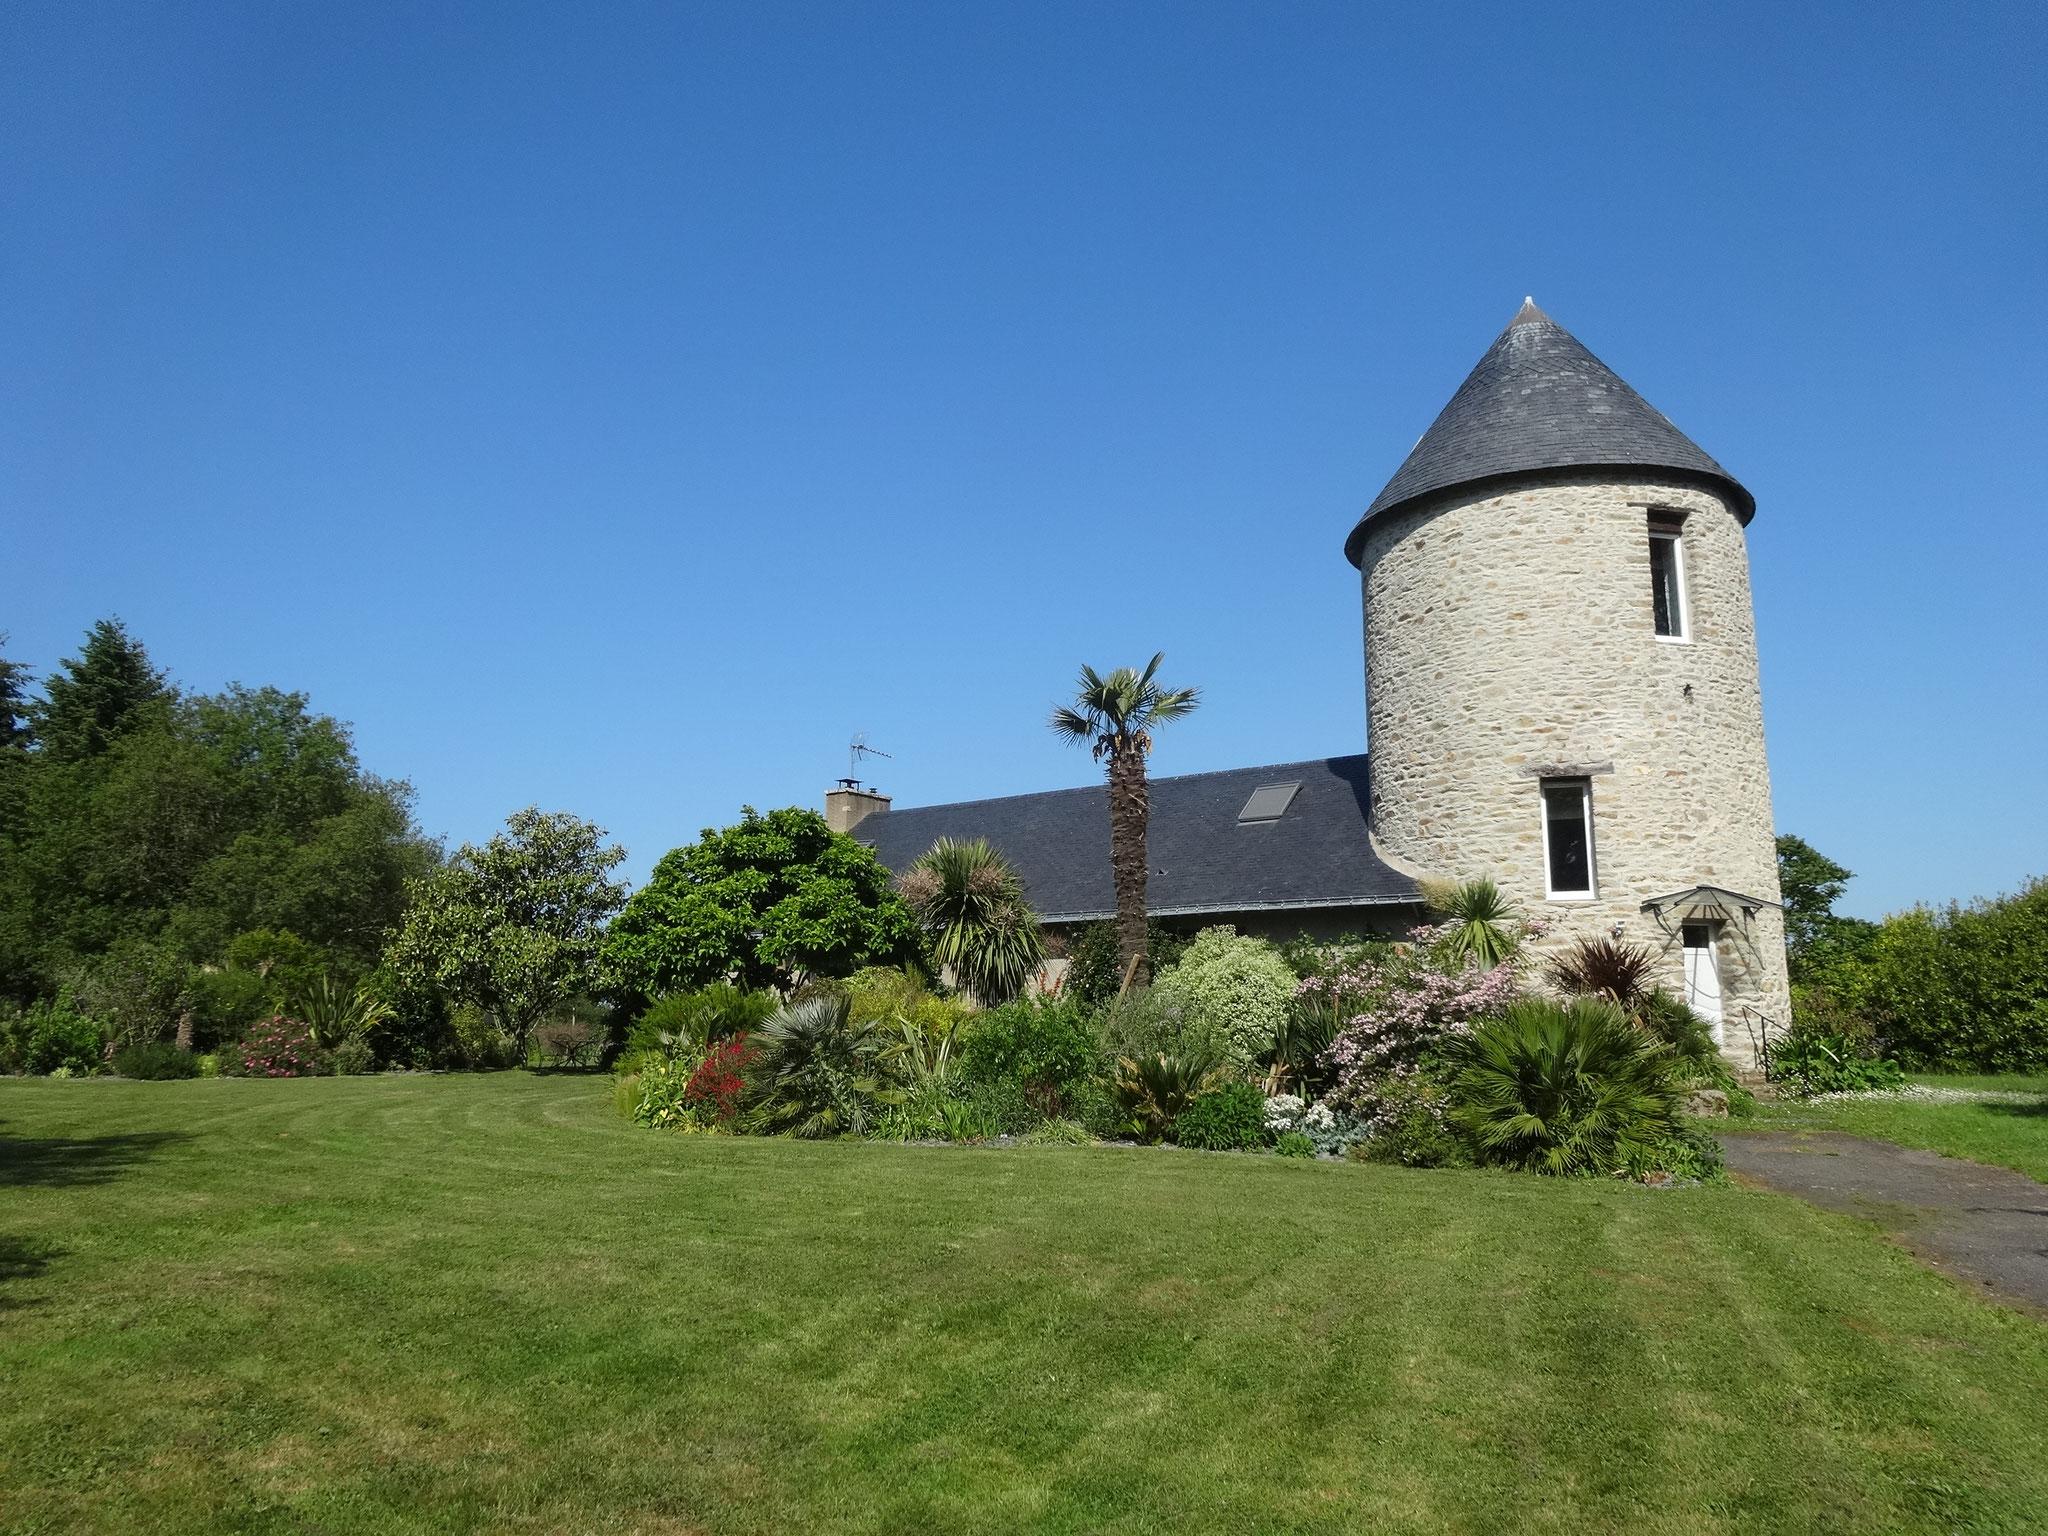 Les Jardins Du Moulin Paysagiste chambre d'hôte du moulin de kergas à herbignac proche la